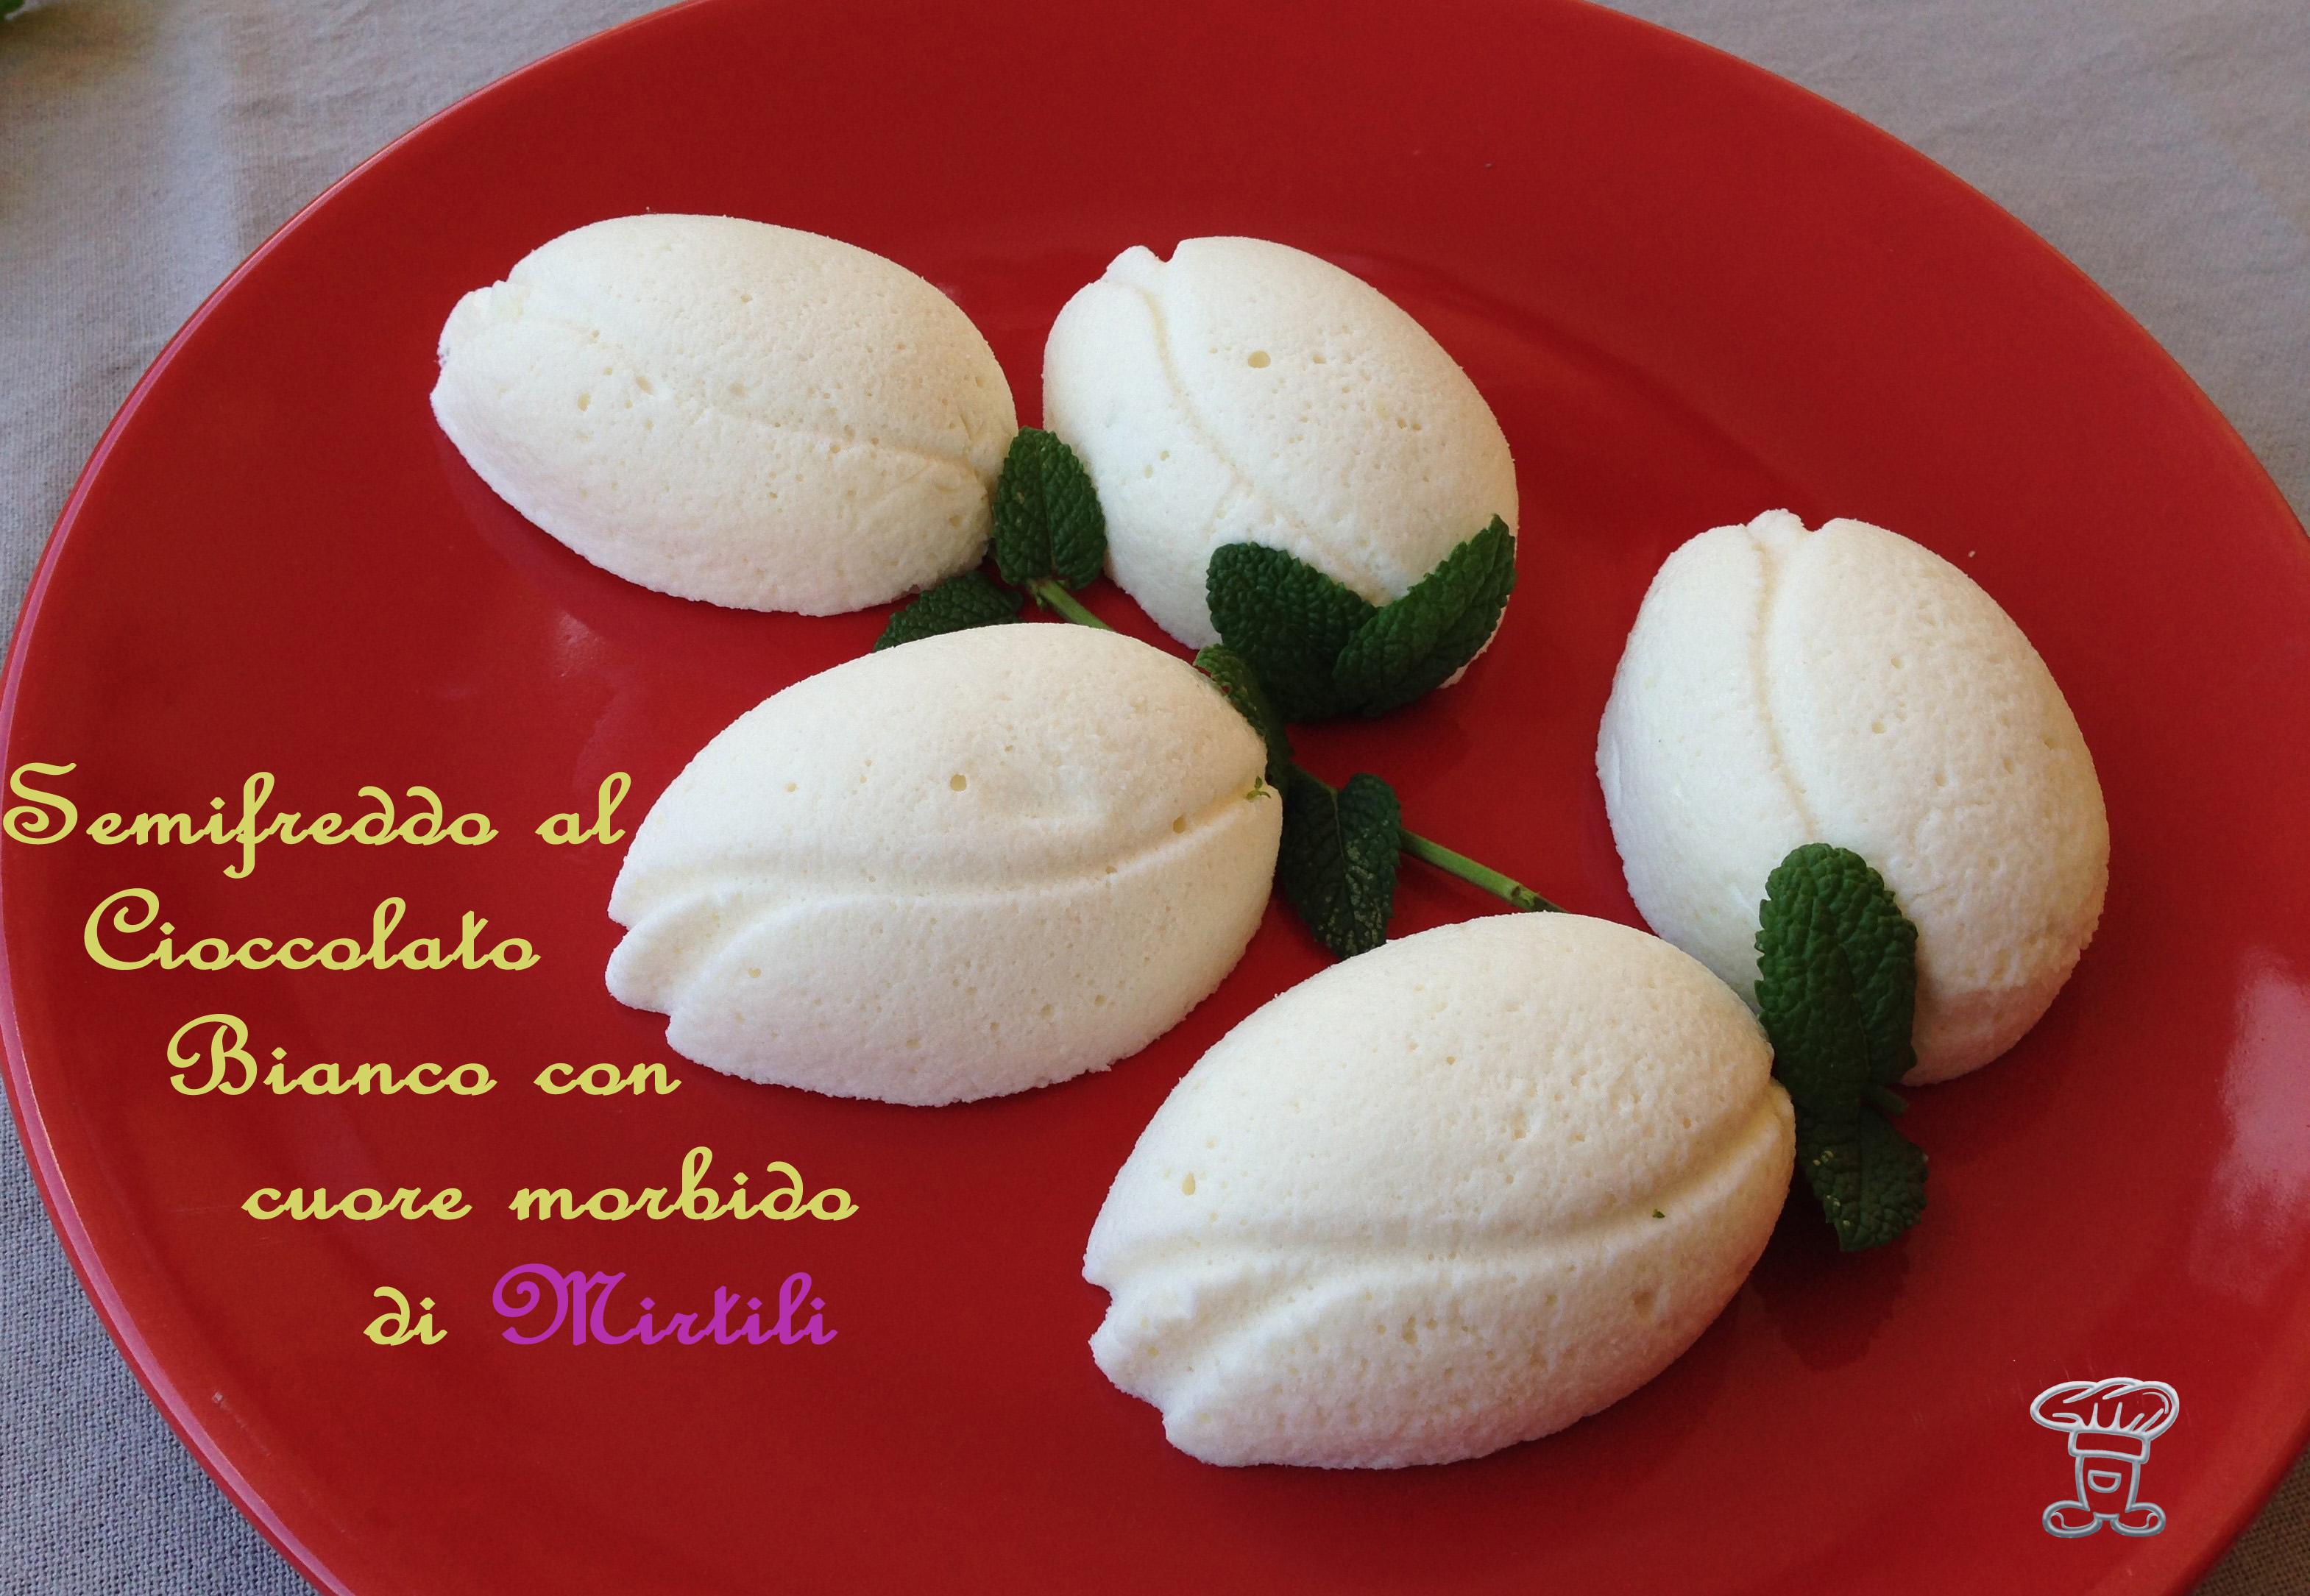 img_3050 Semifreddo al Cioccolato Bianco con cuore morbido ai Mirtilli